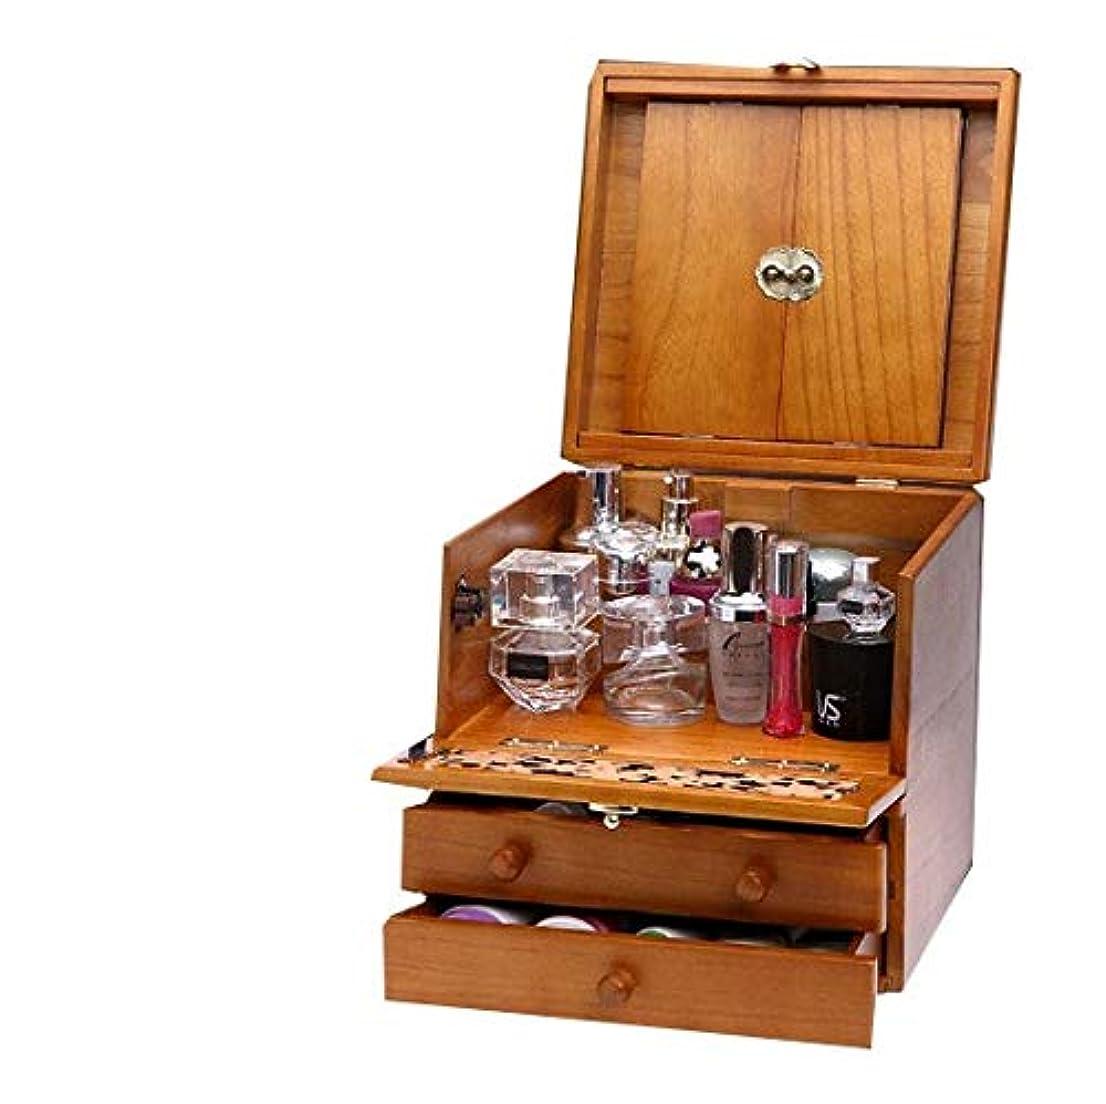 戦略ベルト意味する化粧箱、3層レトロ木製彫刻化粧ケース付きミラー、ハイエンドのウェディングギフト、新築祝いのギフト、美容ネイルジュエリー収納ボックス